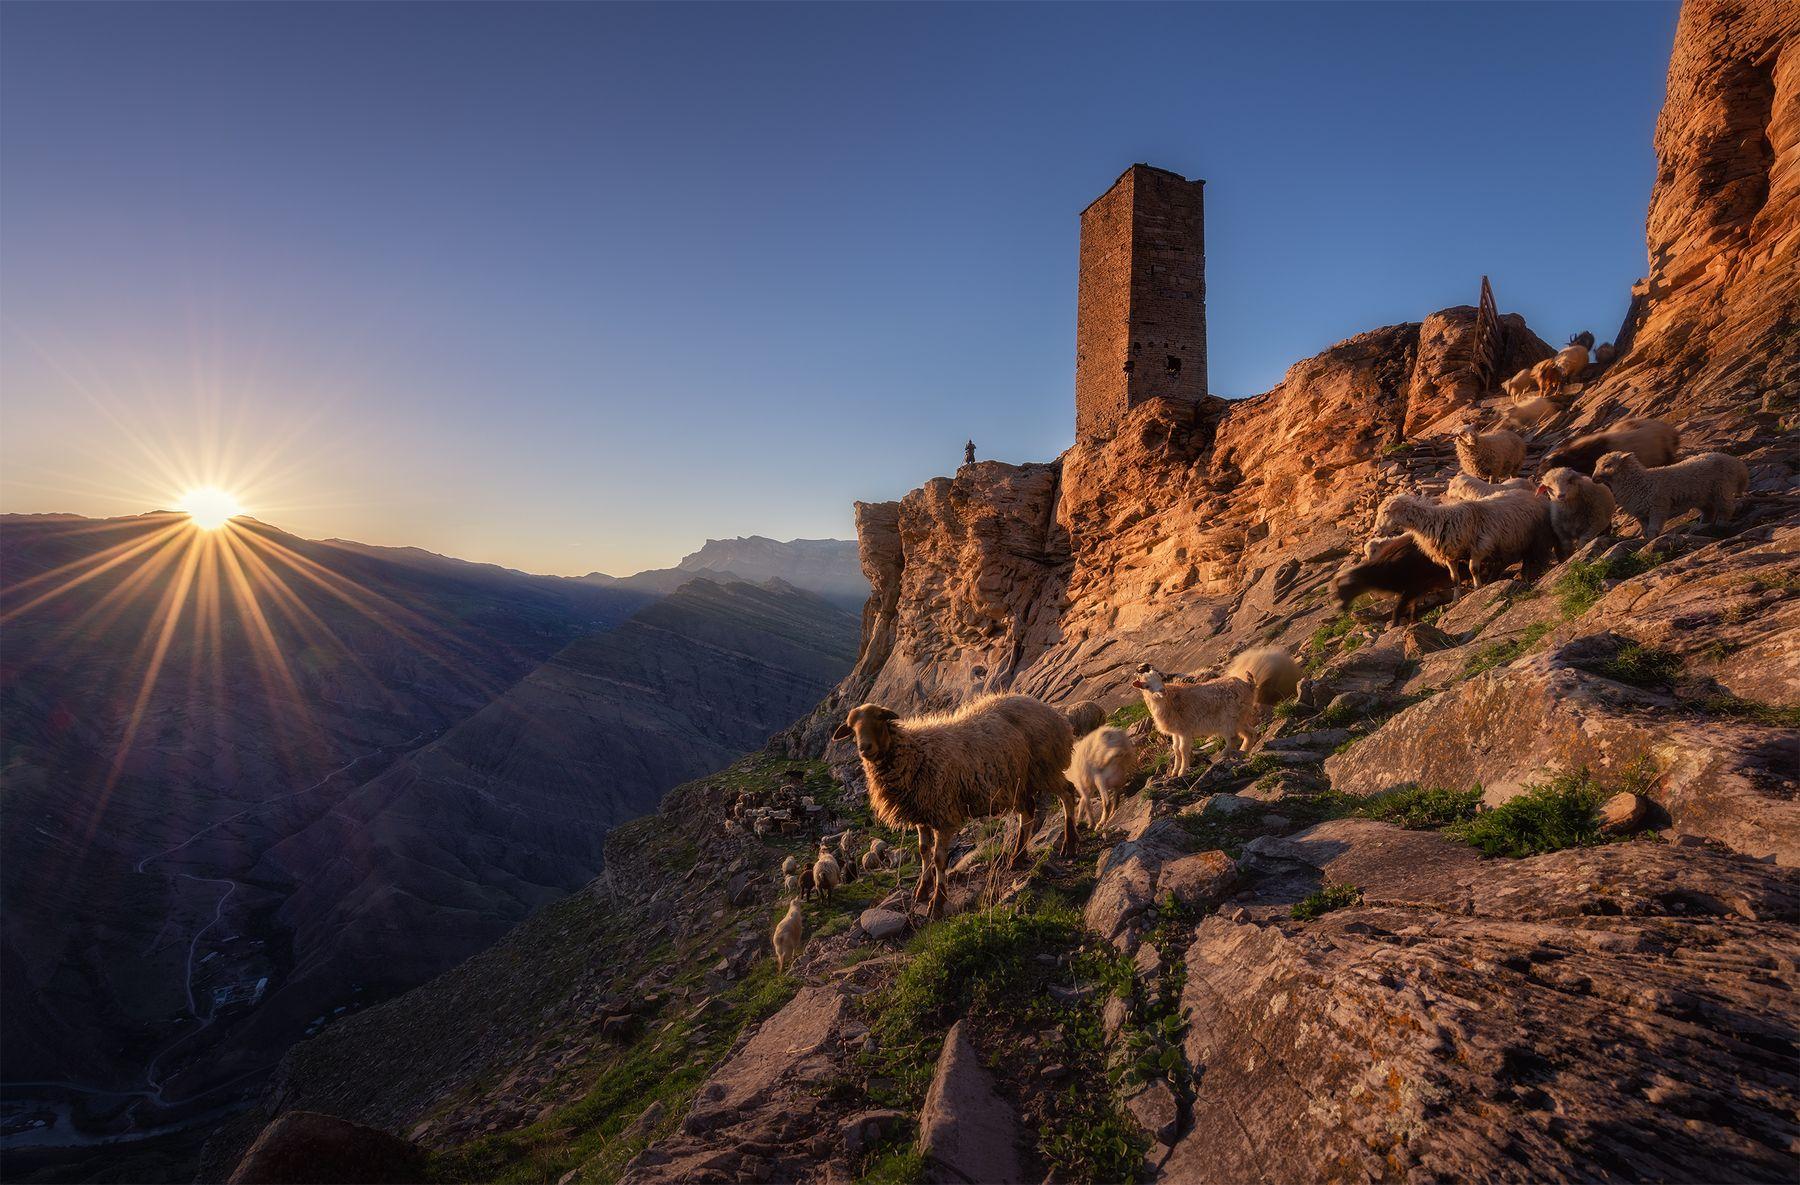 Сторожевые башни высокогорного села Гоор Россия Кавказ Дагестан горы пейзаж пейзажироссии природа путешествия Гоор весна